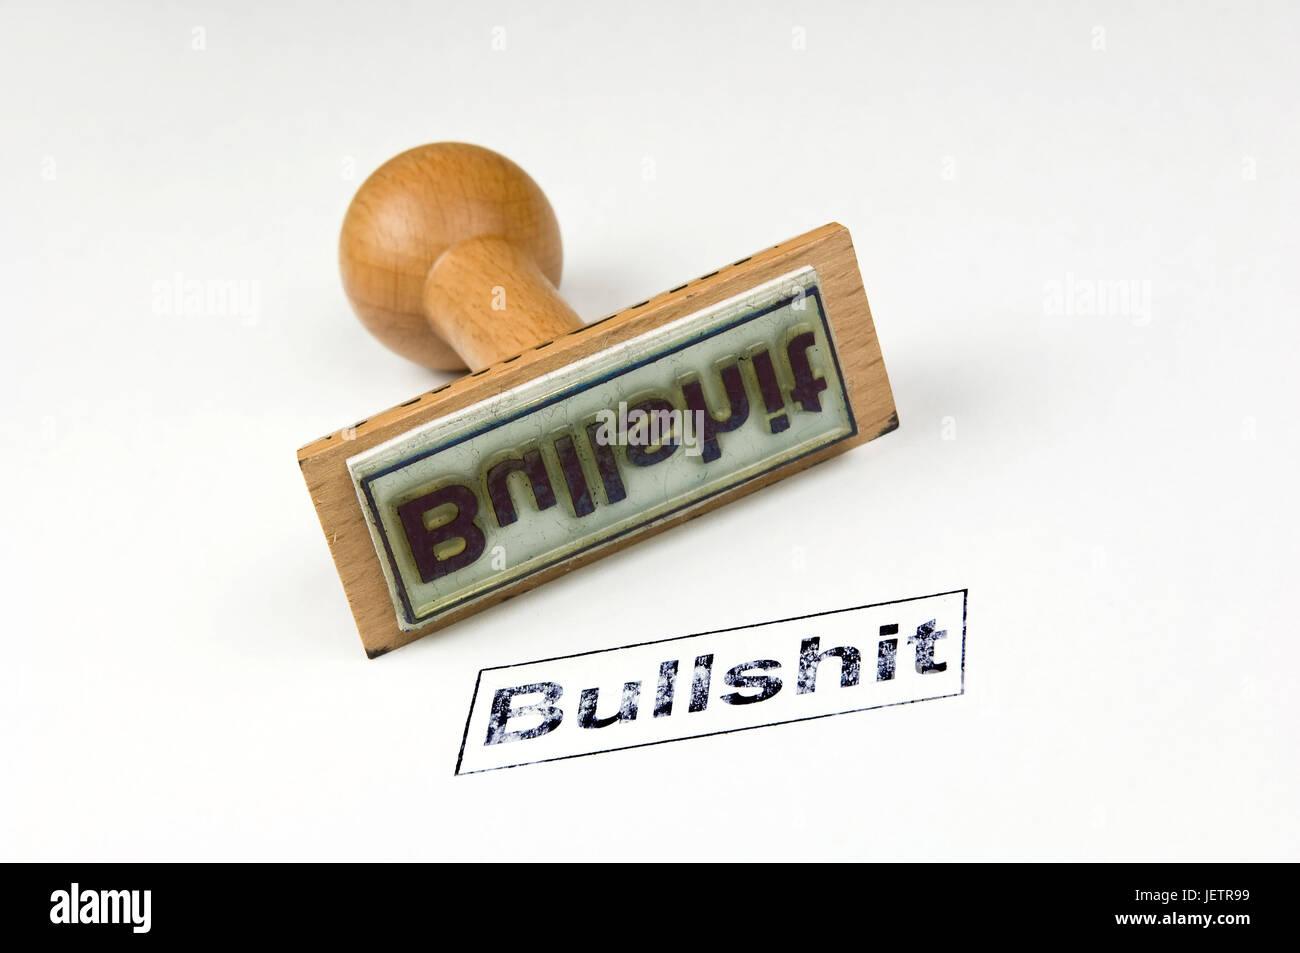 Stamp Bullshit, Stempel Bullshit Stock Photo